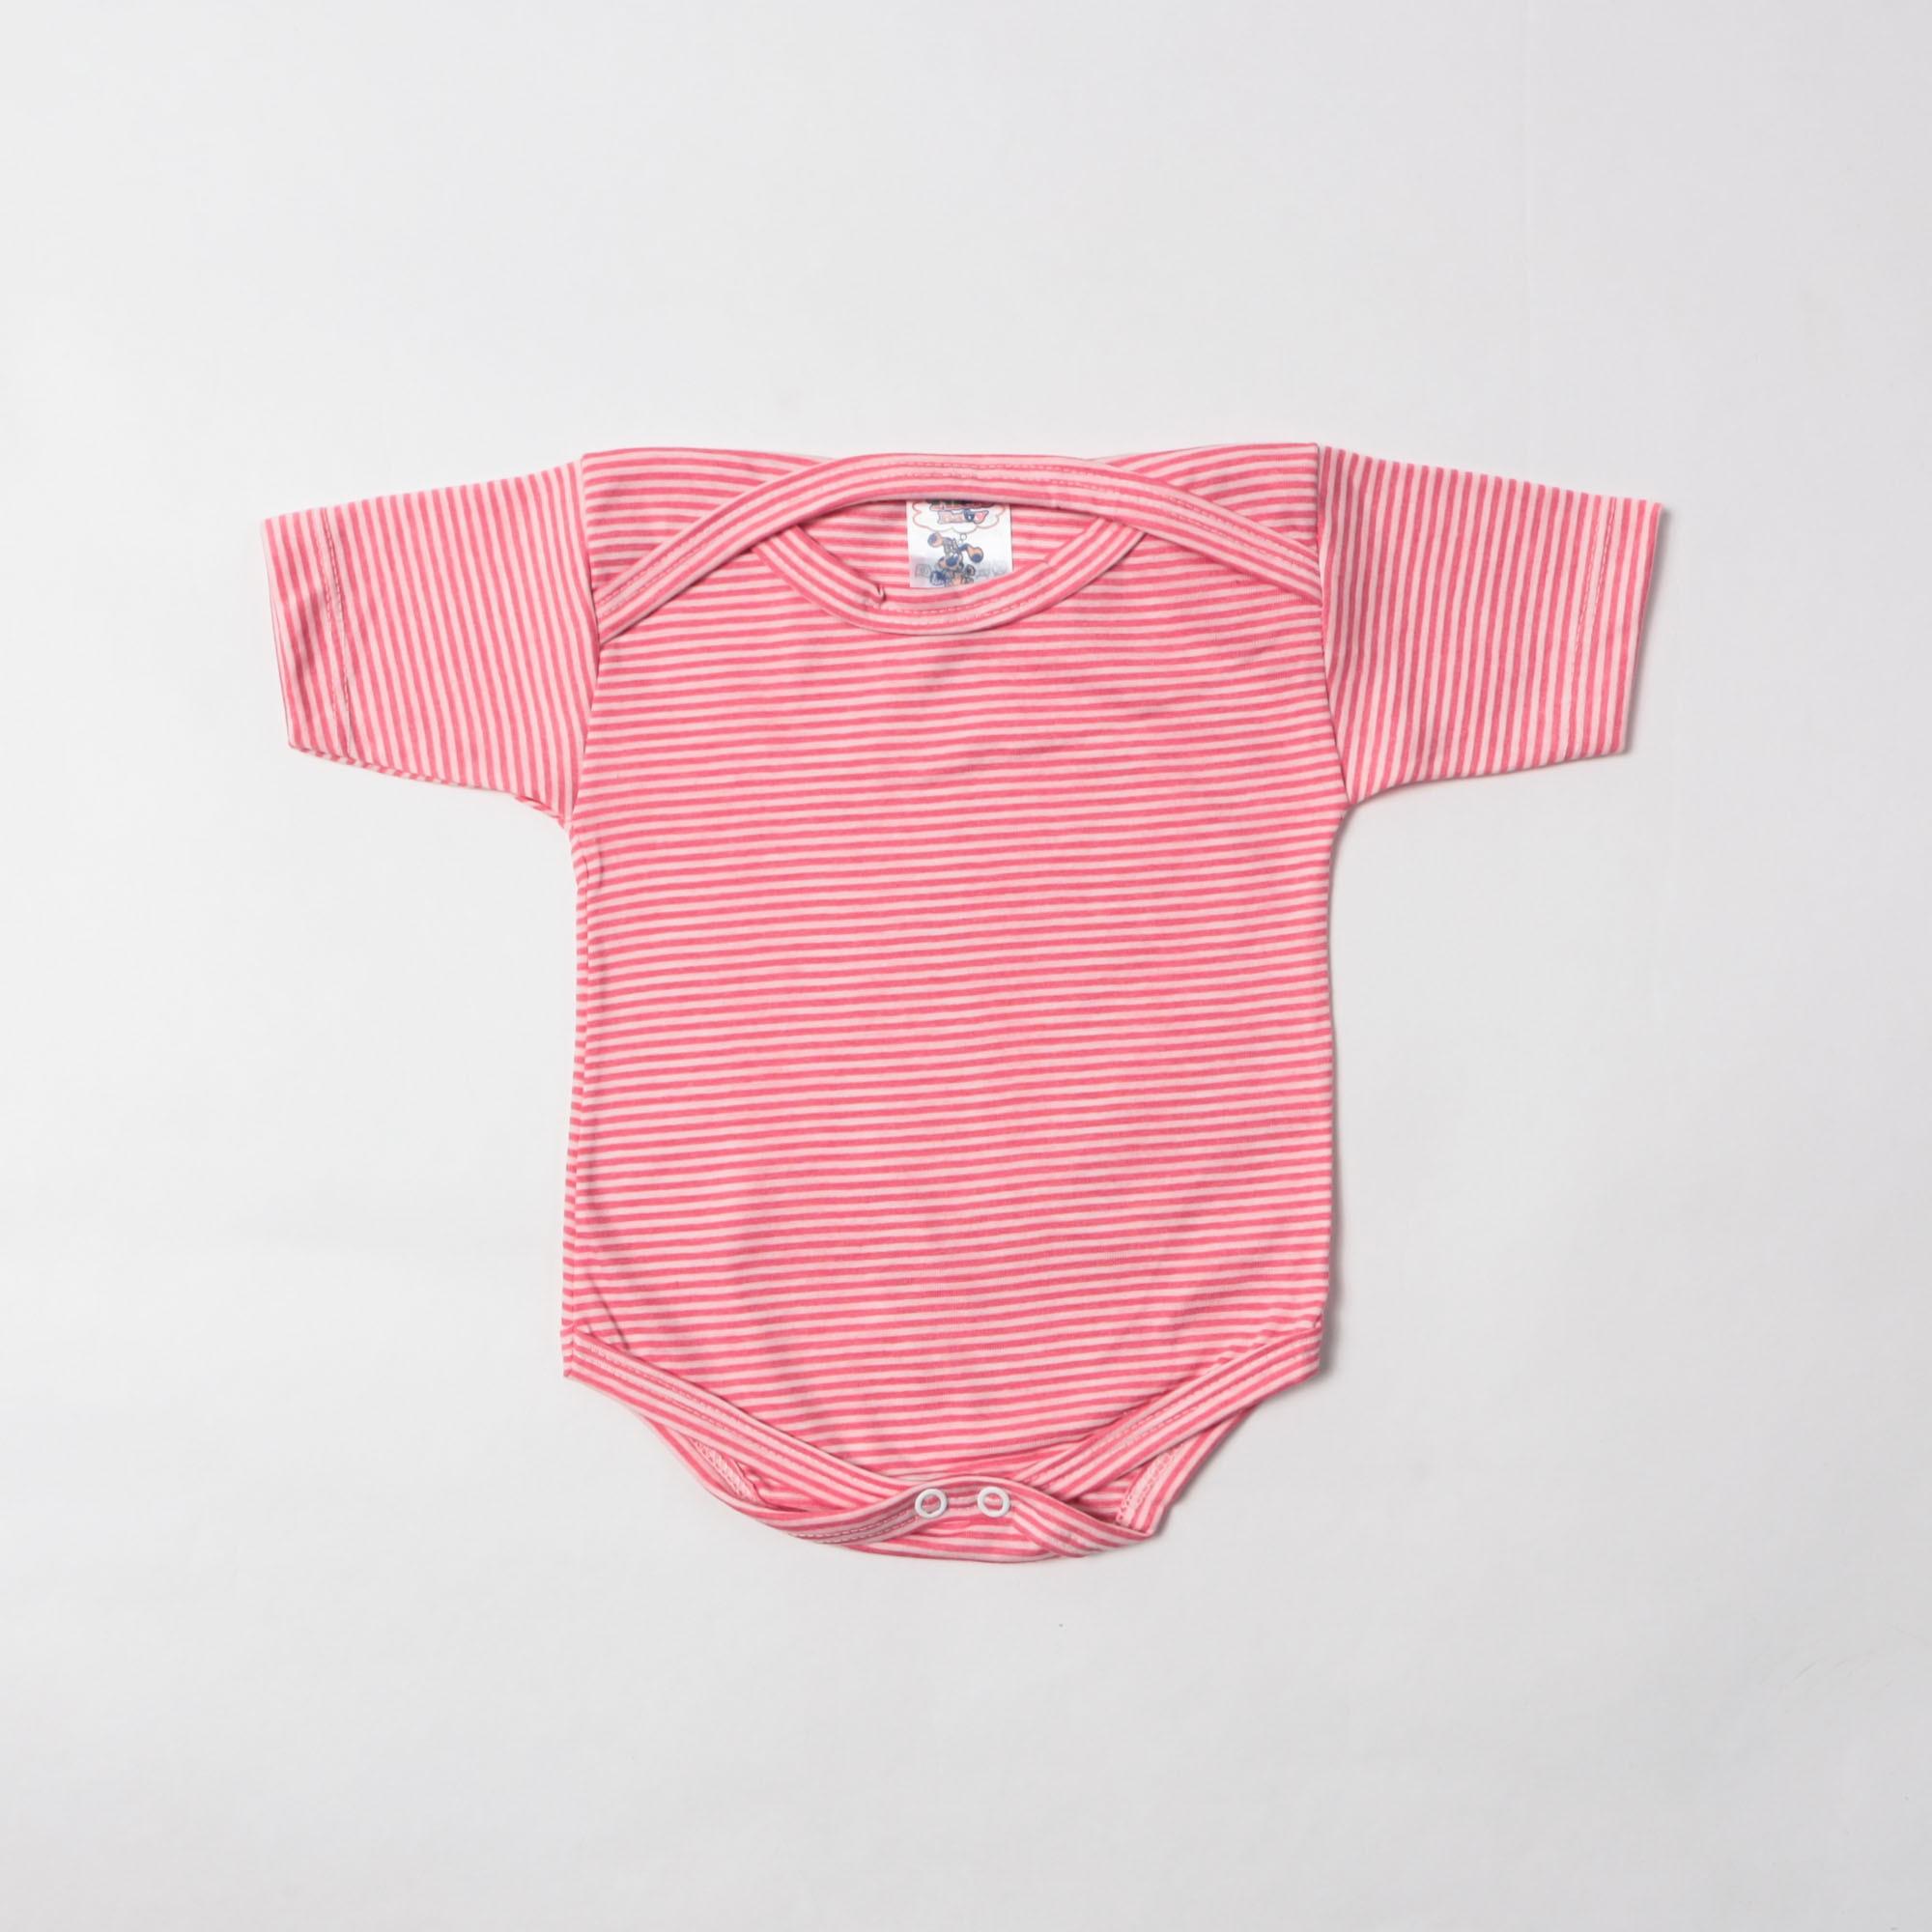 Body Bebê Manga Curta Listrado P/G - Tilele